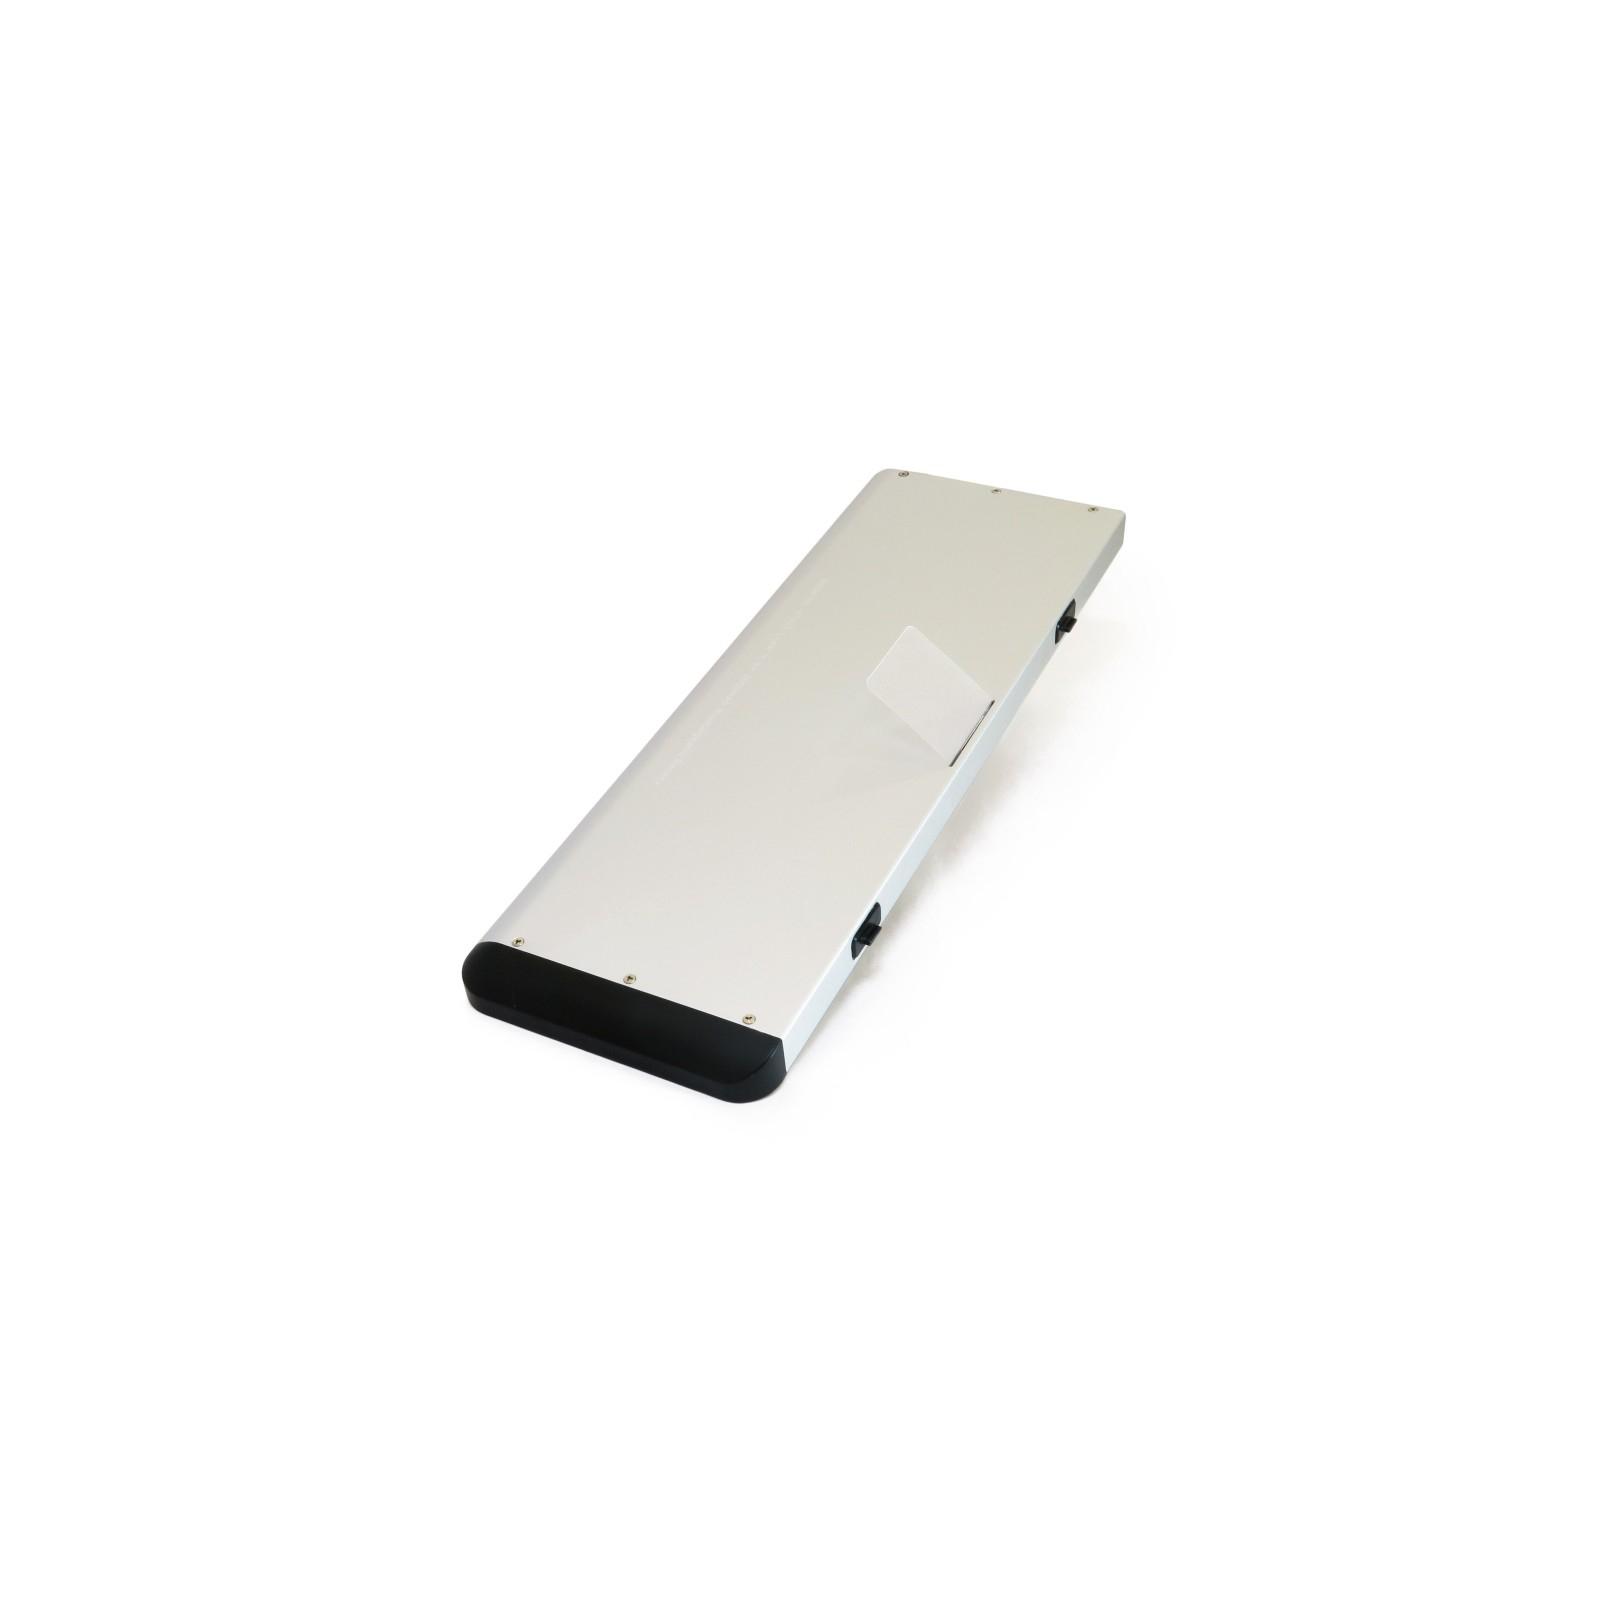 Аккумулятор для ноутбука APPLE A1280 (5000 mAh) EXTRADIGITAL (BNA3902) изображение 5